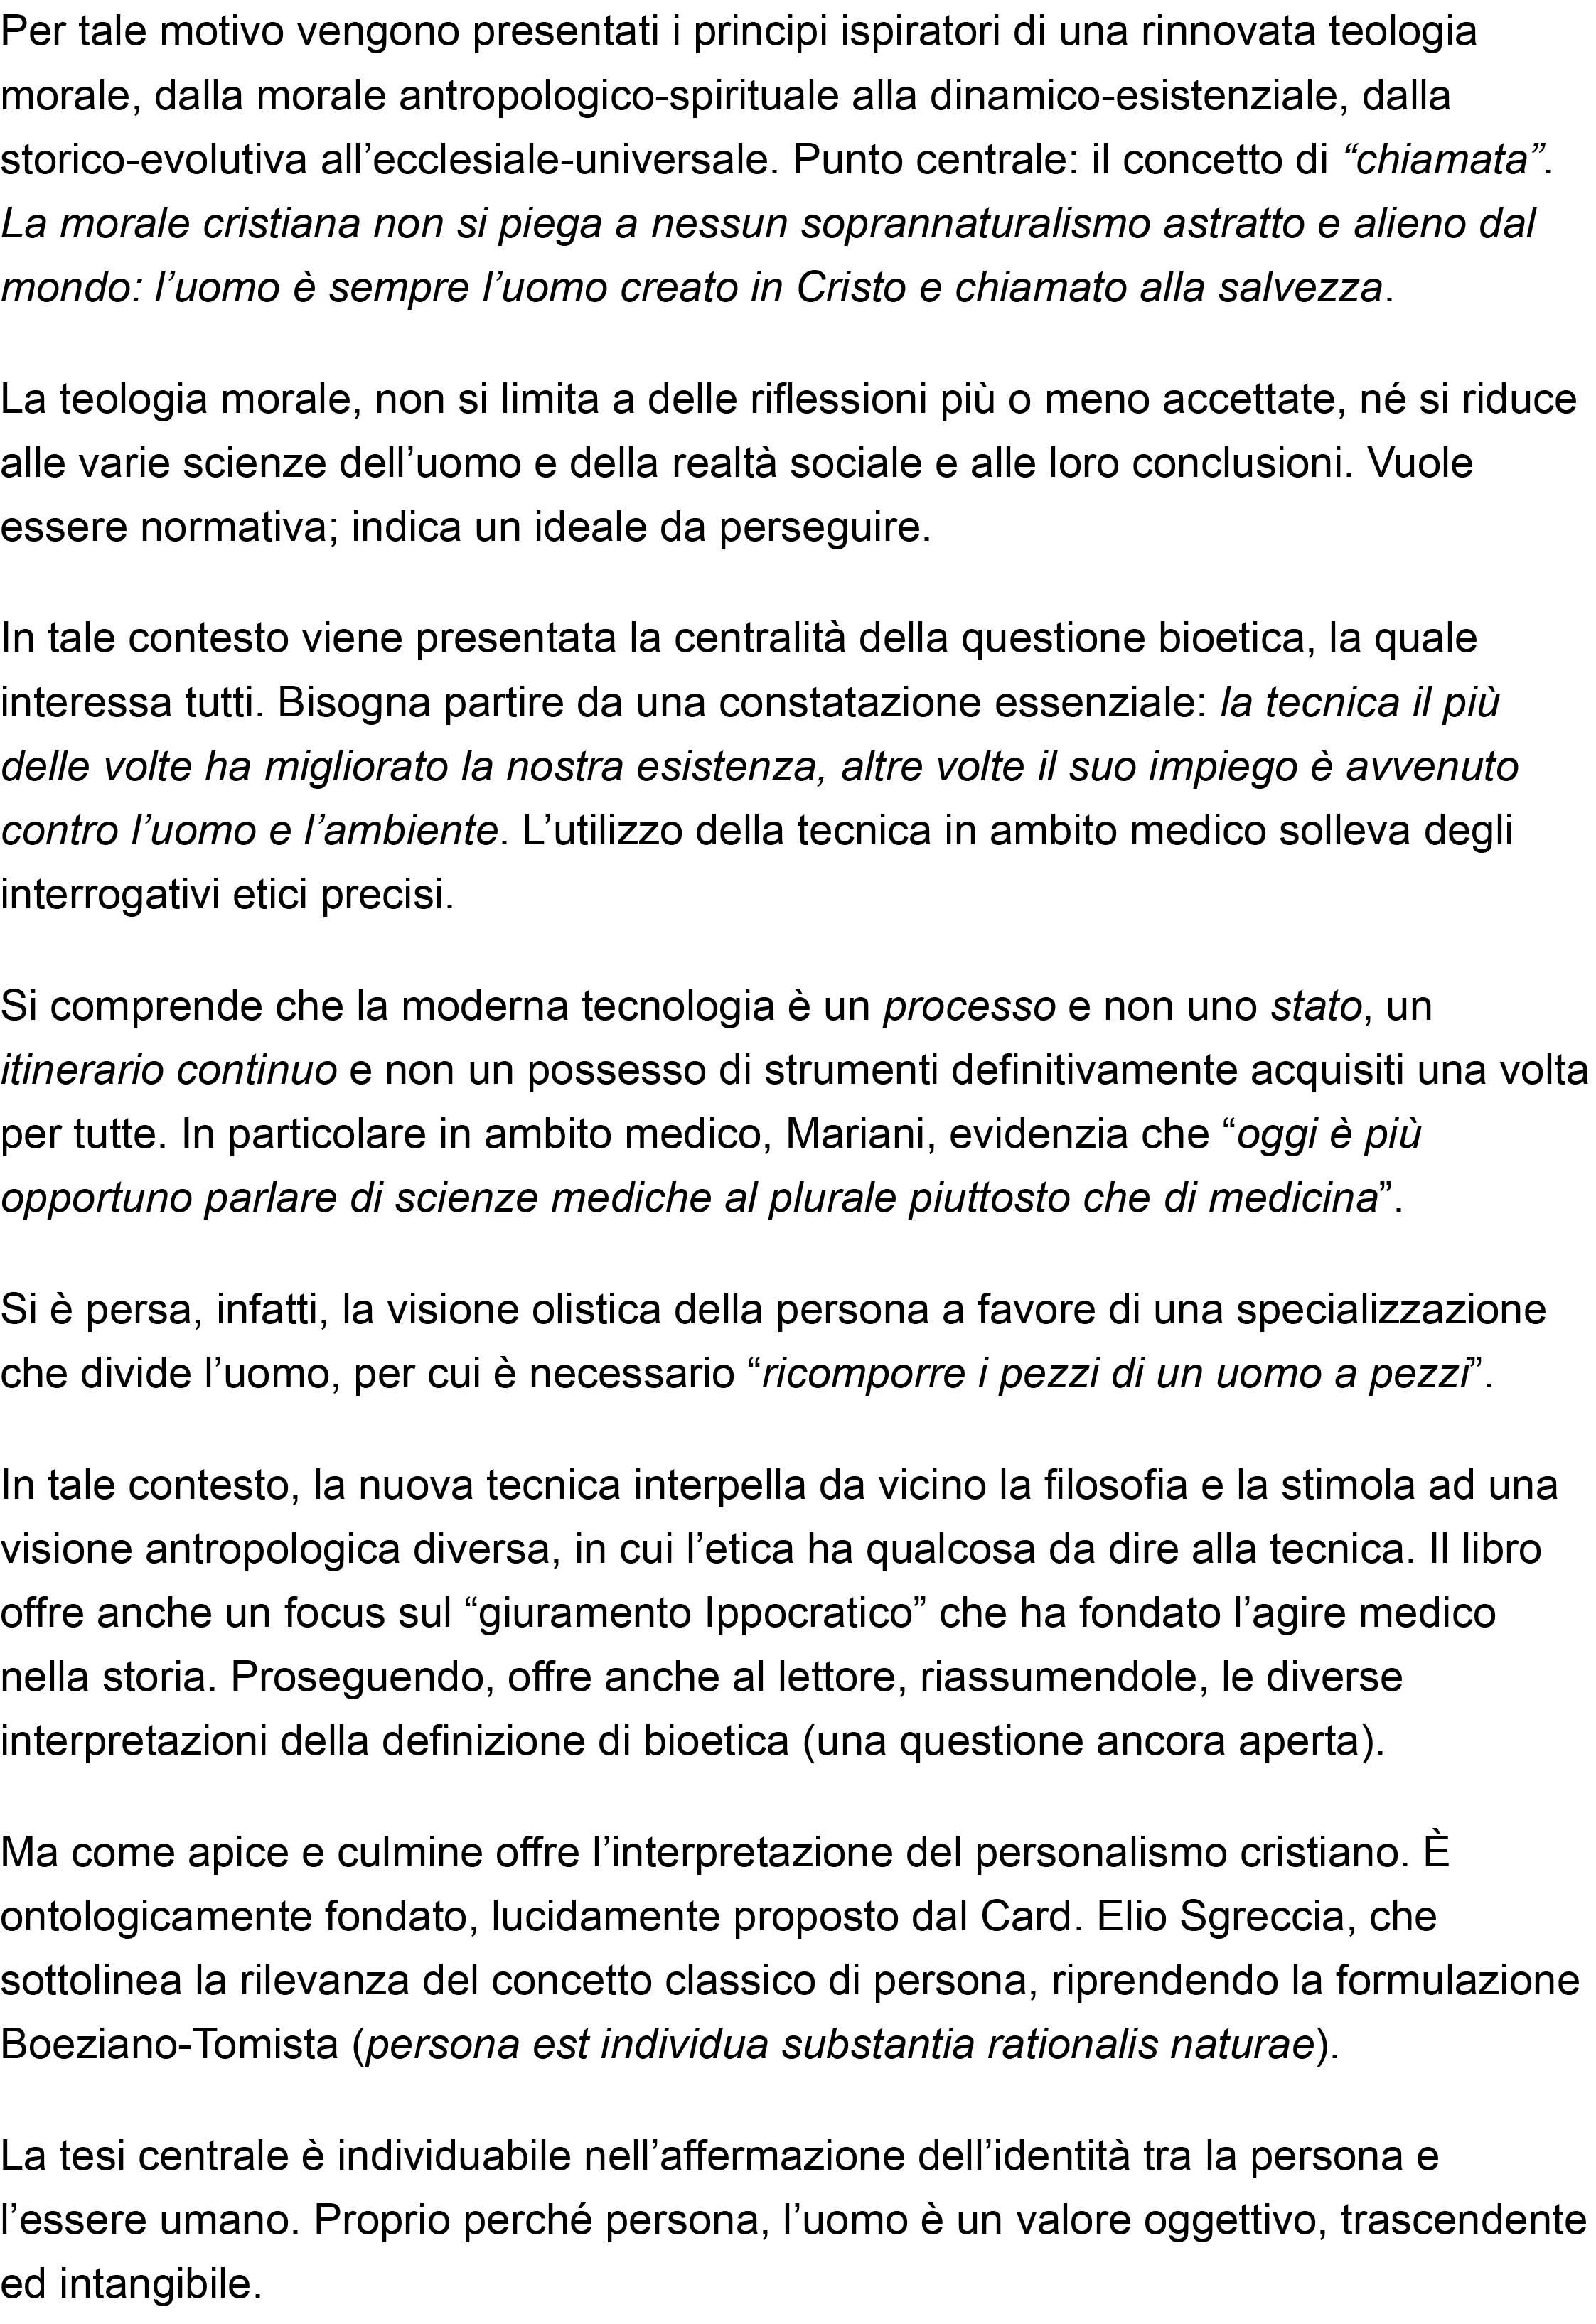 La teologia morale ha qualcosa da dire alla bioetica… – ZENIT – Italiano-2